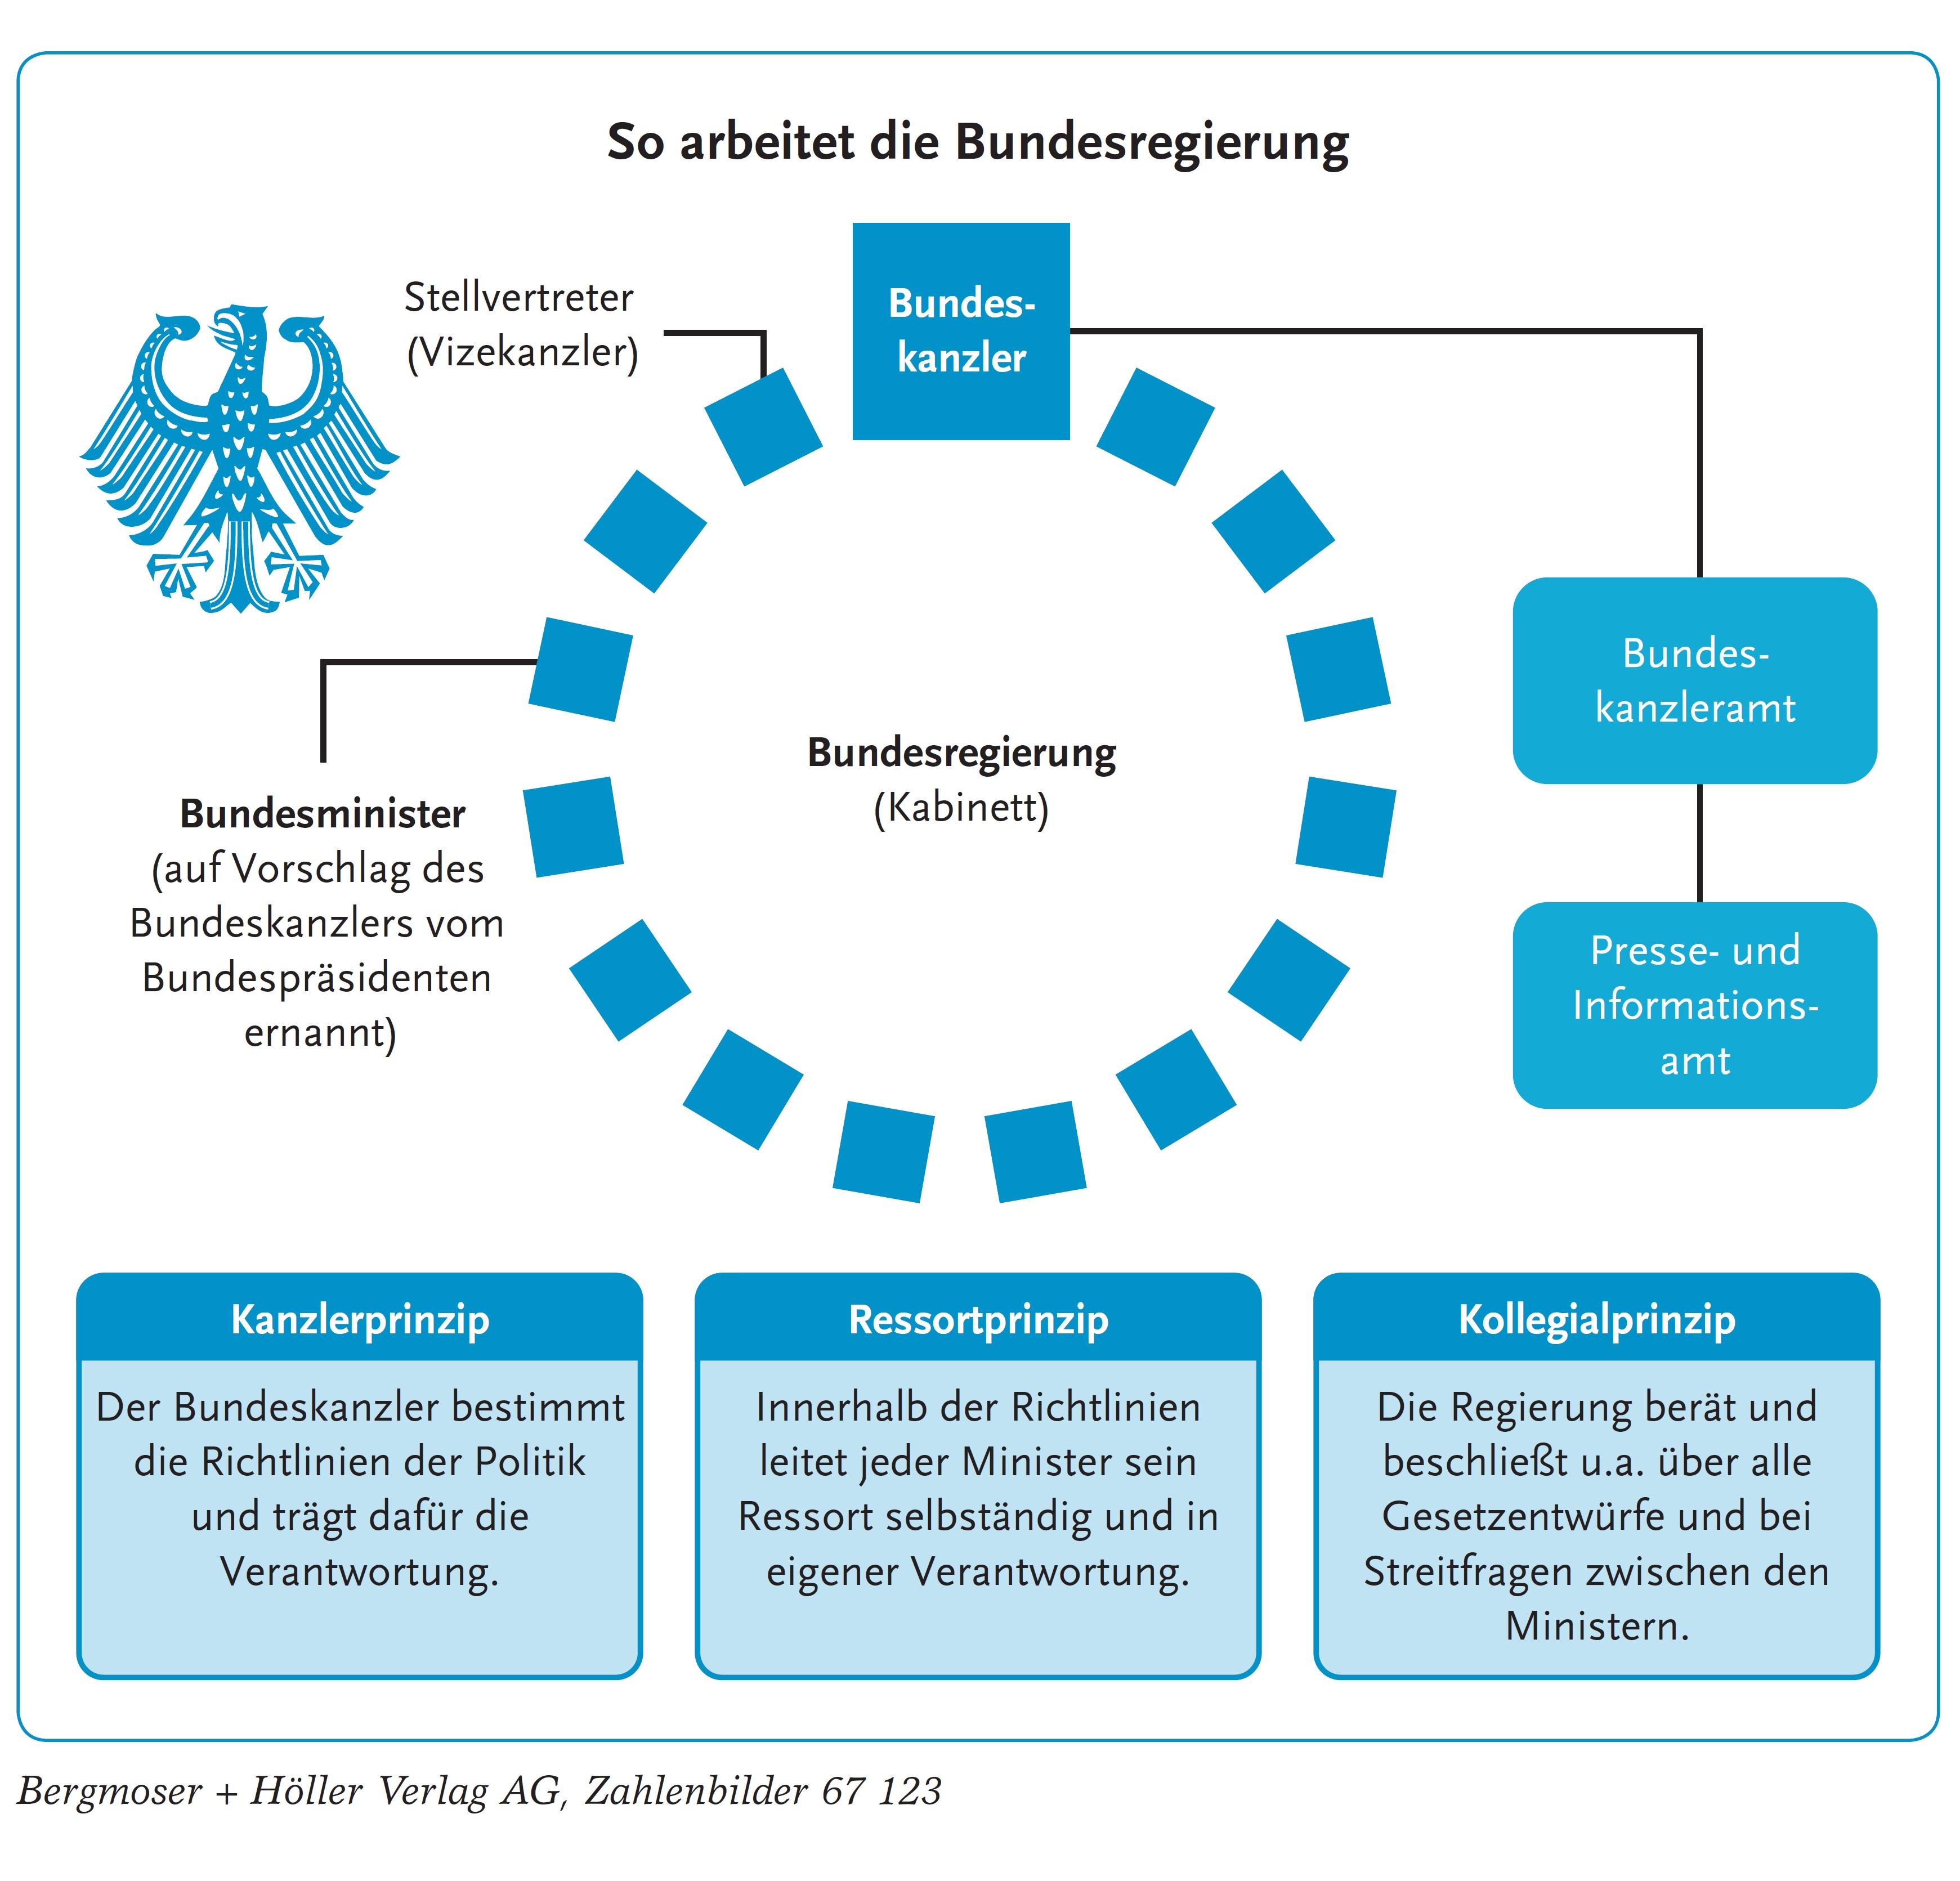 deutsche regierung grafik